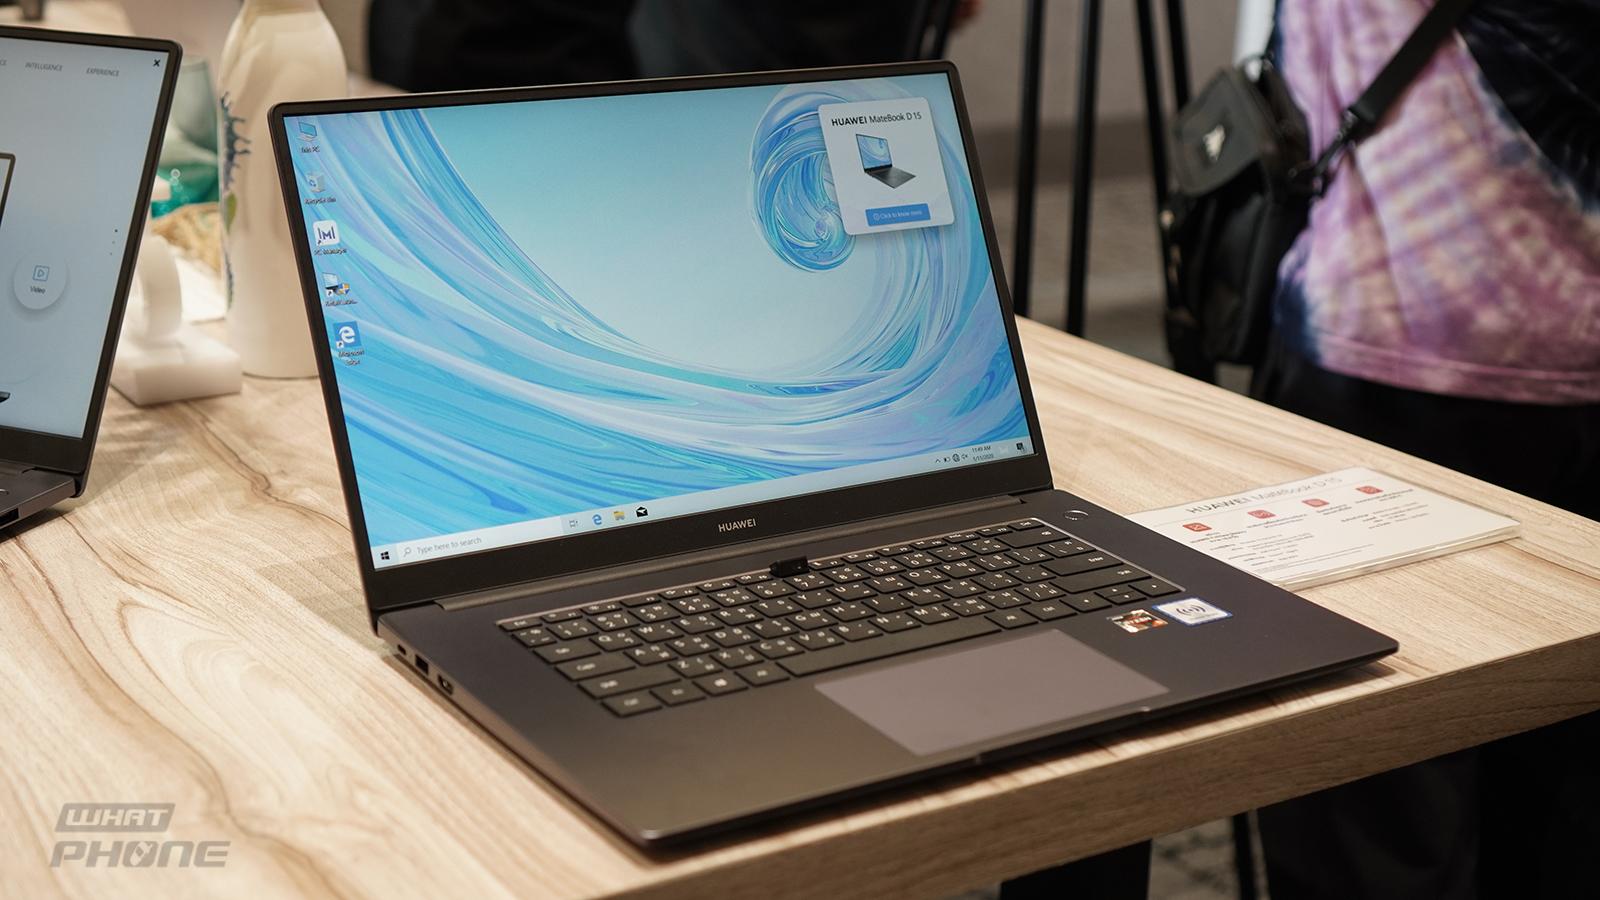 เปิดตัวอย่างเป็นทางการแล้วสำหรับคอมพิวเตอร์โน๊ตบุ๊คจากหัวเว่ยรุ่นใหม่ HUAWEI MateBook D15 ที่มาพร้อมกับดีไซน์ที่สวยงามและราคาสุดคุ้ม 17,990 บาท